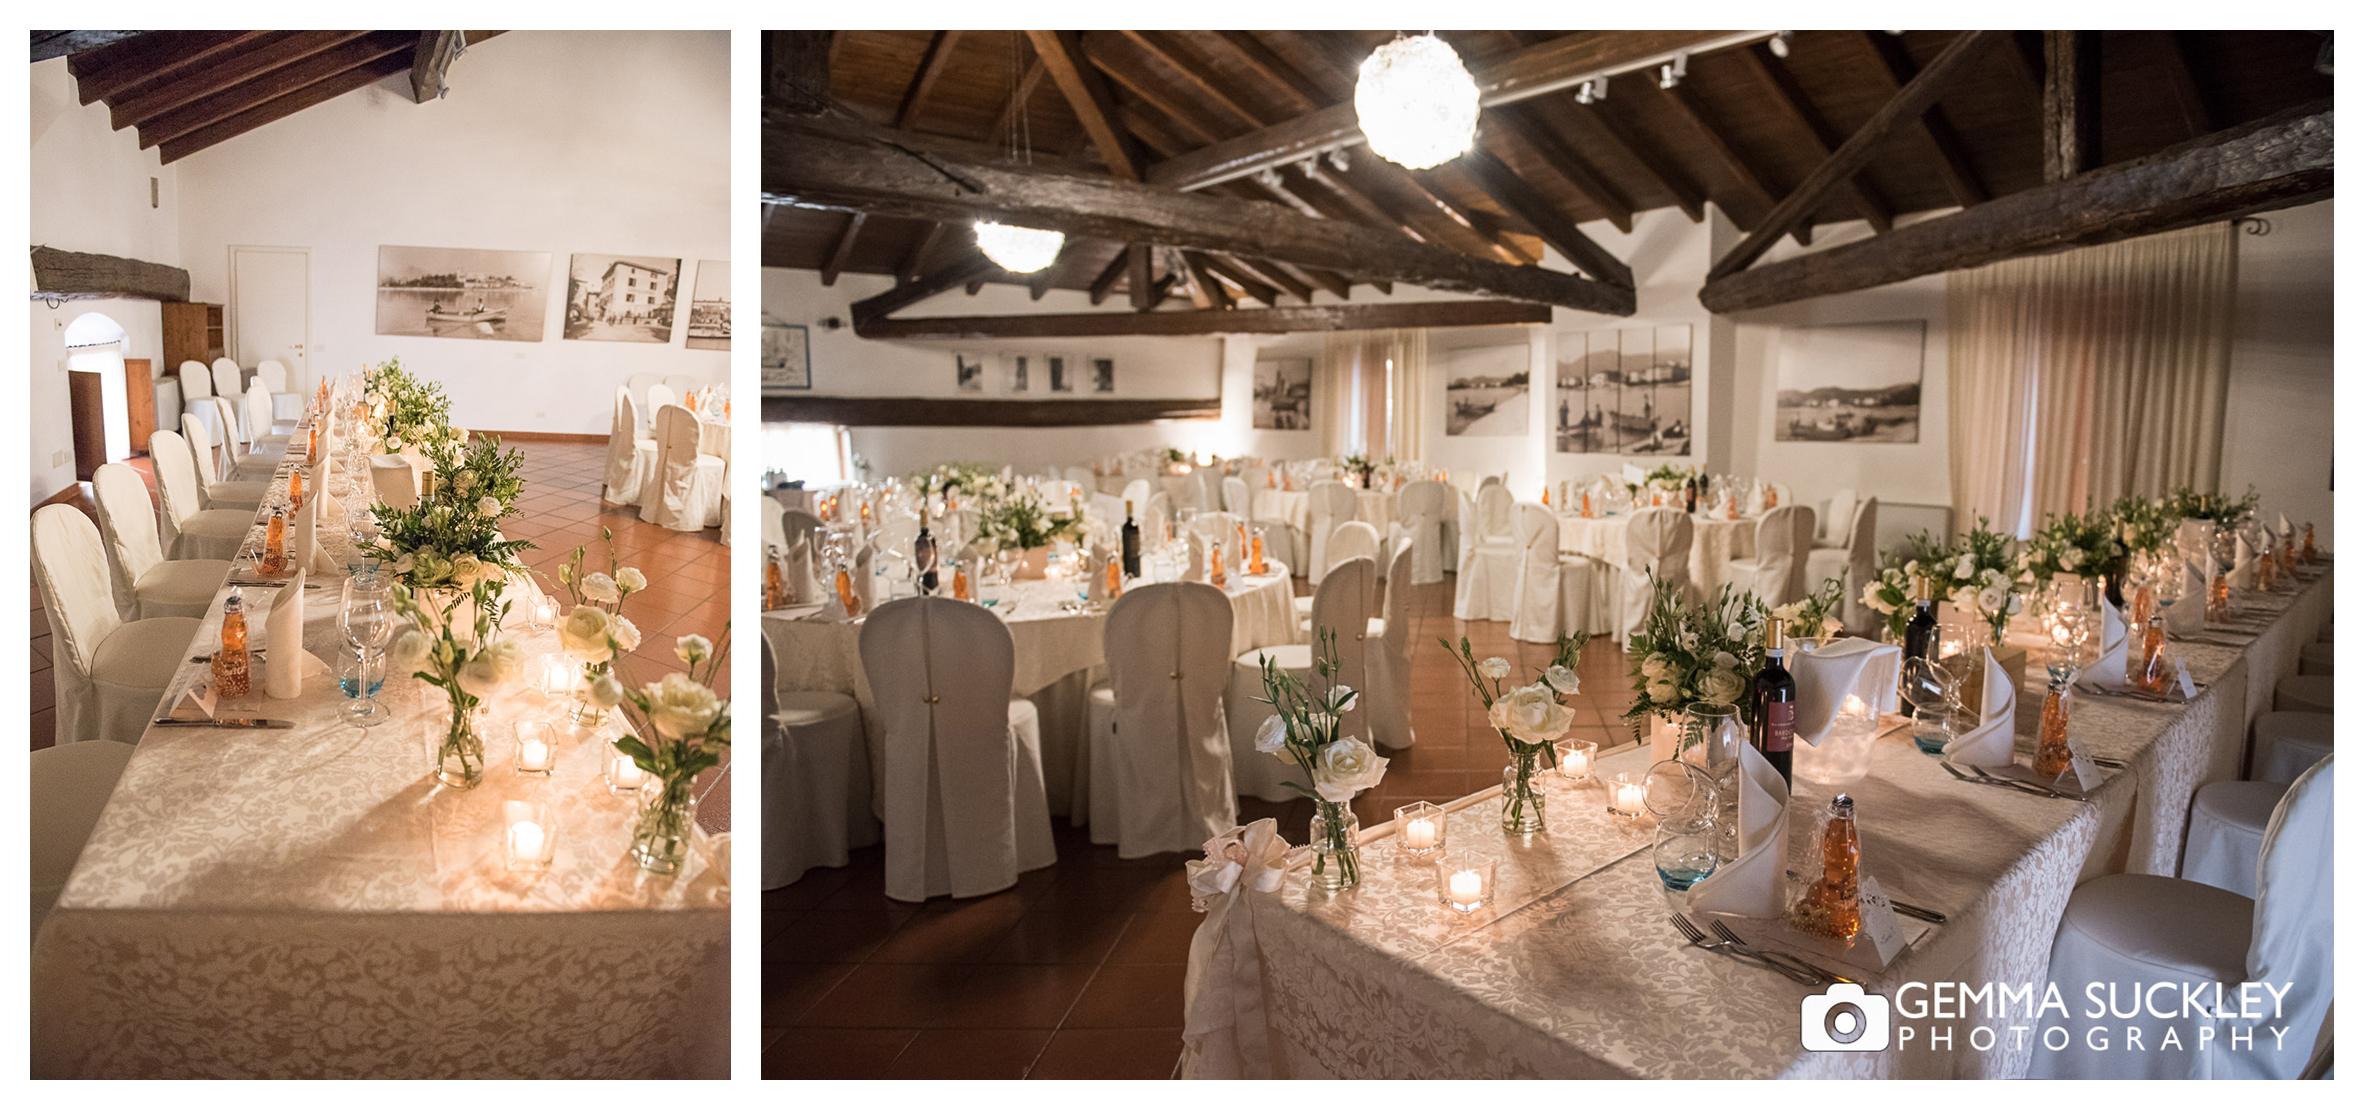 table detail at lake garda, italy wedding